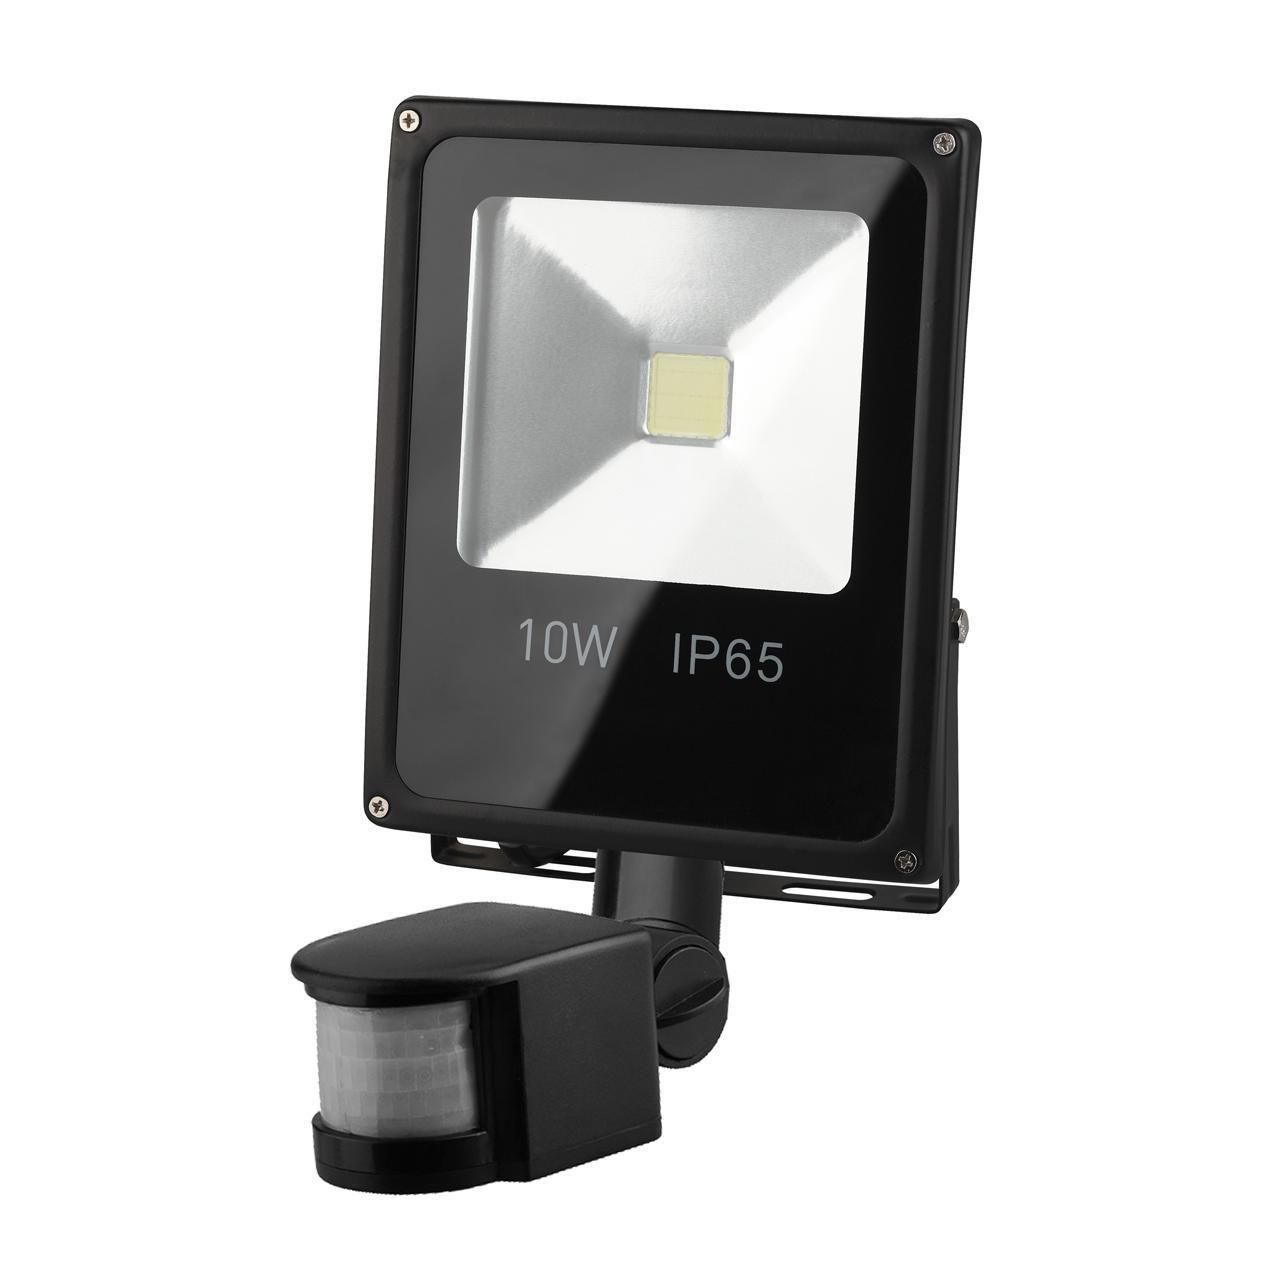 Прожектор Эра LPR-10-6500K-M-SEN, 10 Вт